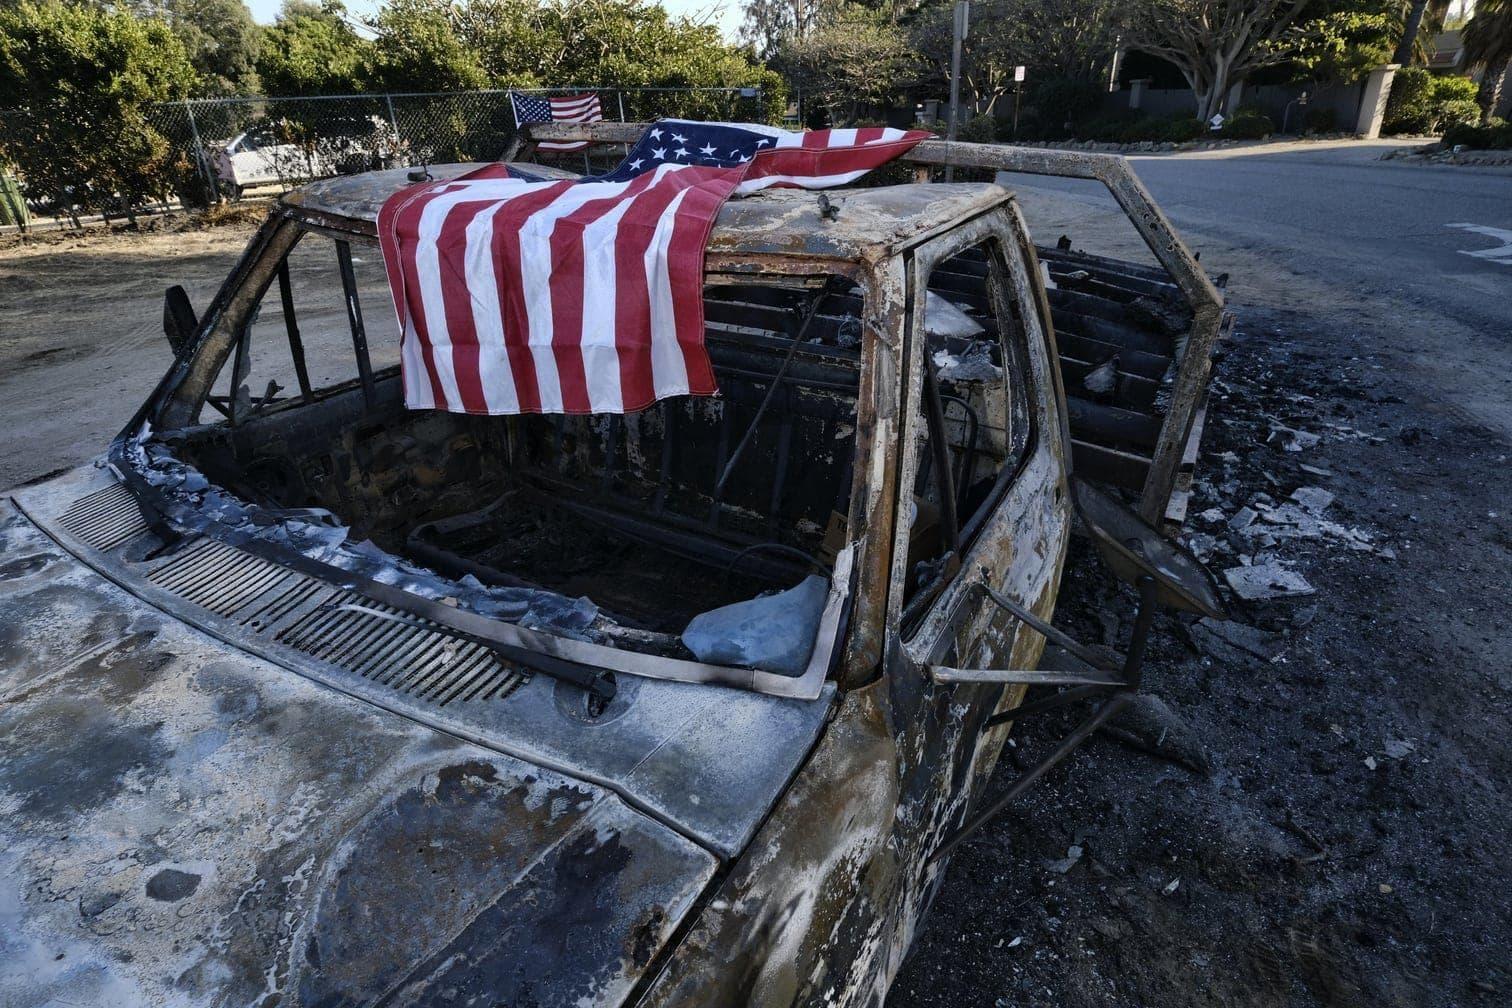 <p>Mit inzwischen mindestens 44 Todesopfern ist der Waldbrand im Norden Kaliforniens der tödlichste in der Geschichte der USA.</p> Foto: dpa/Richard Vogel